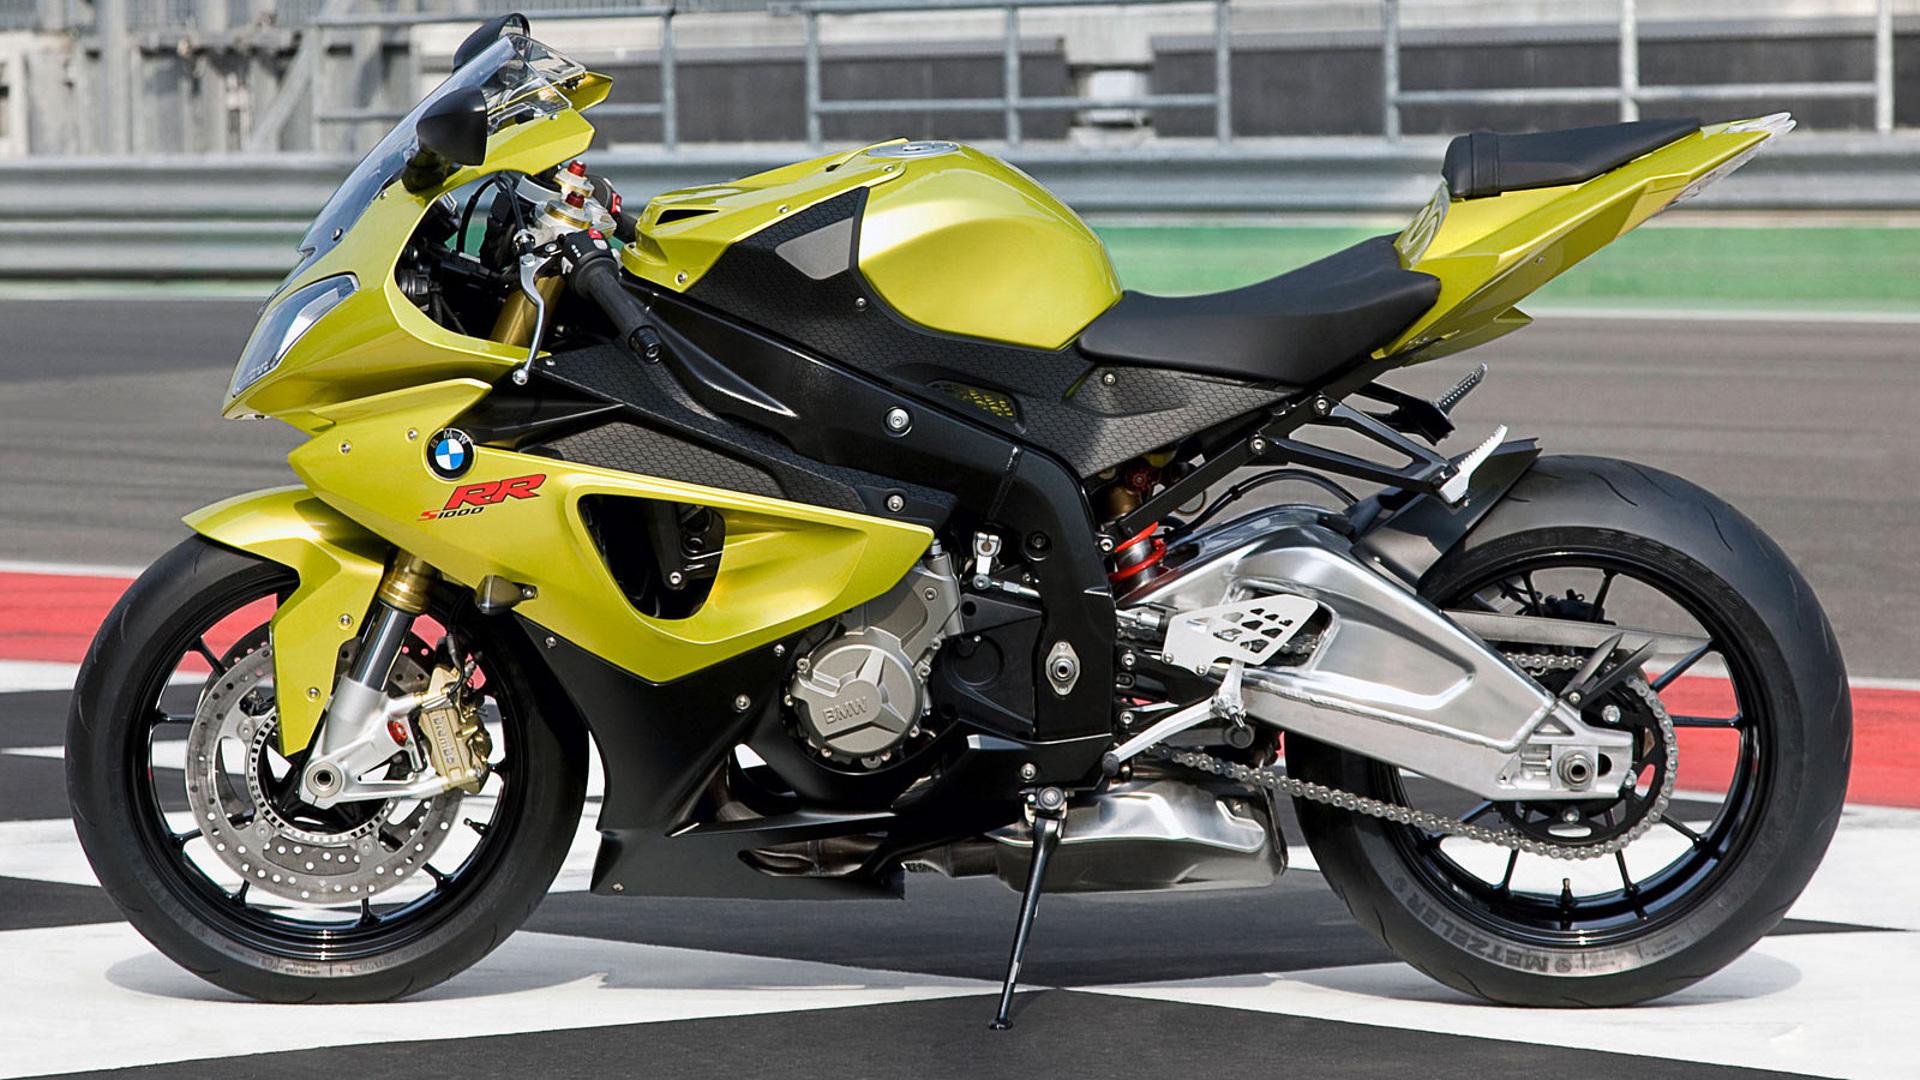 BMW S1000RR (1920x1080) - Обои - Мотоциклы